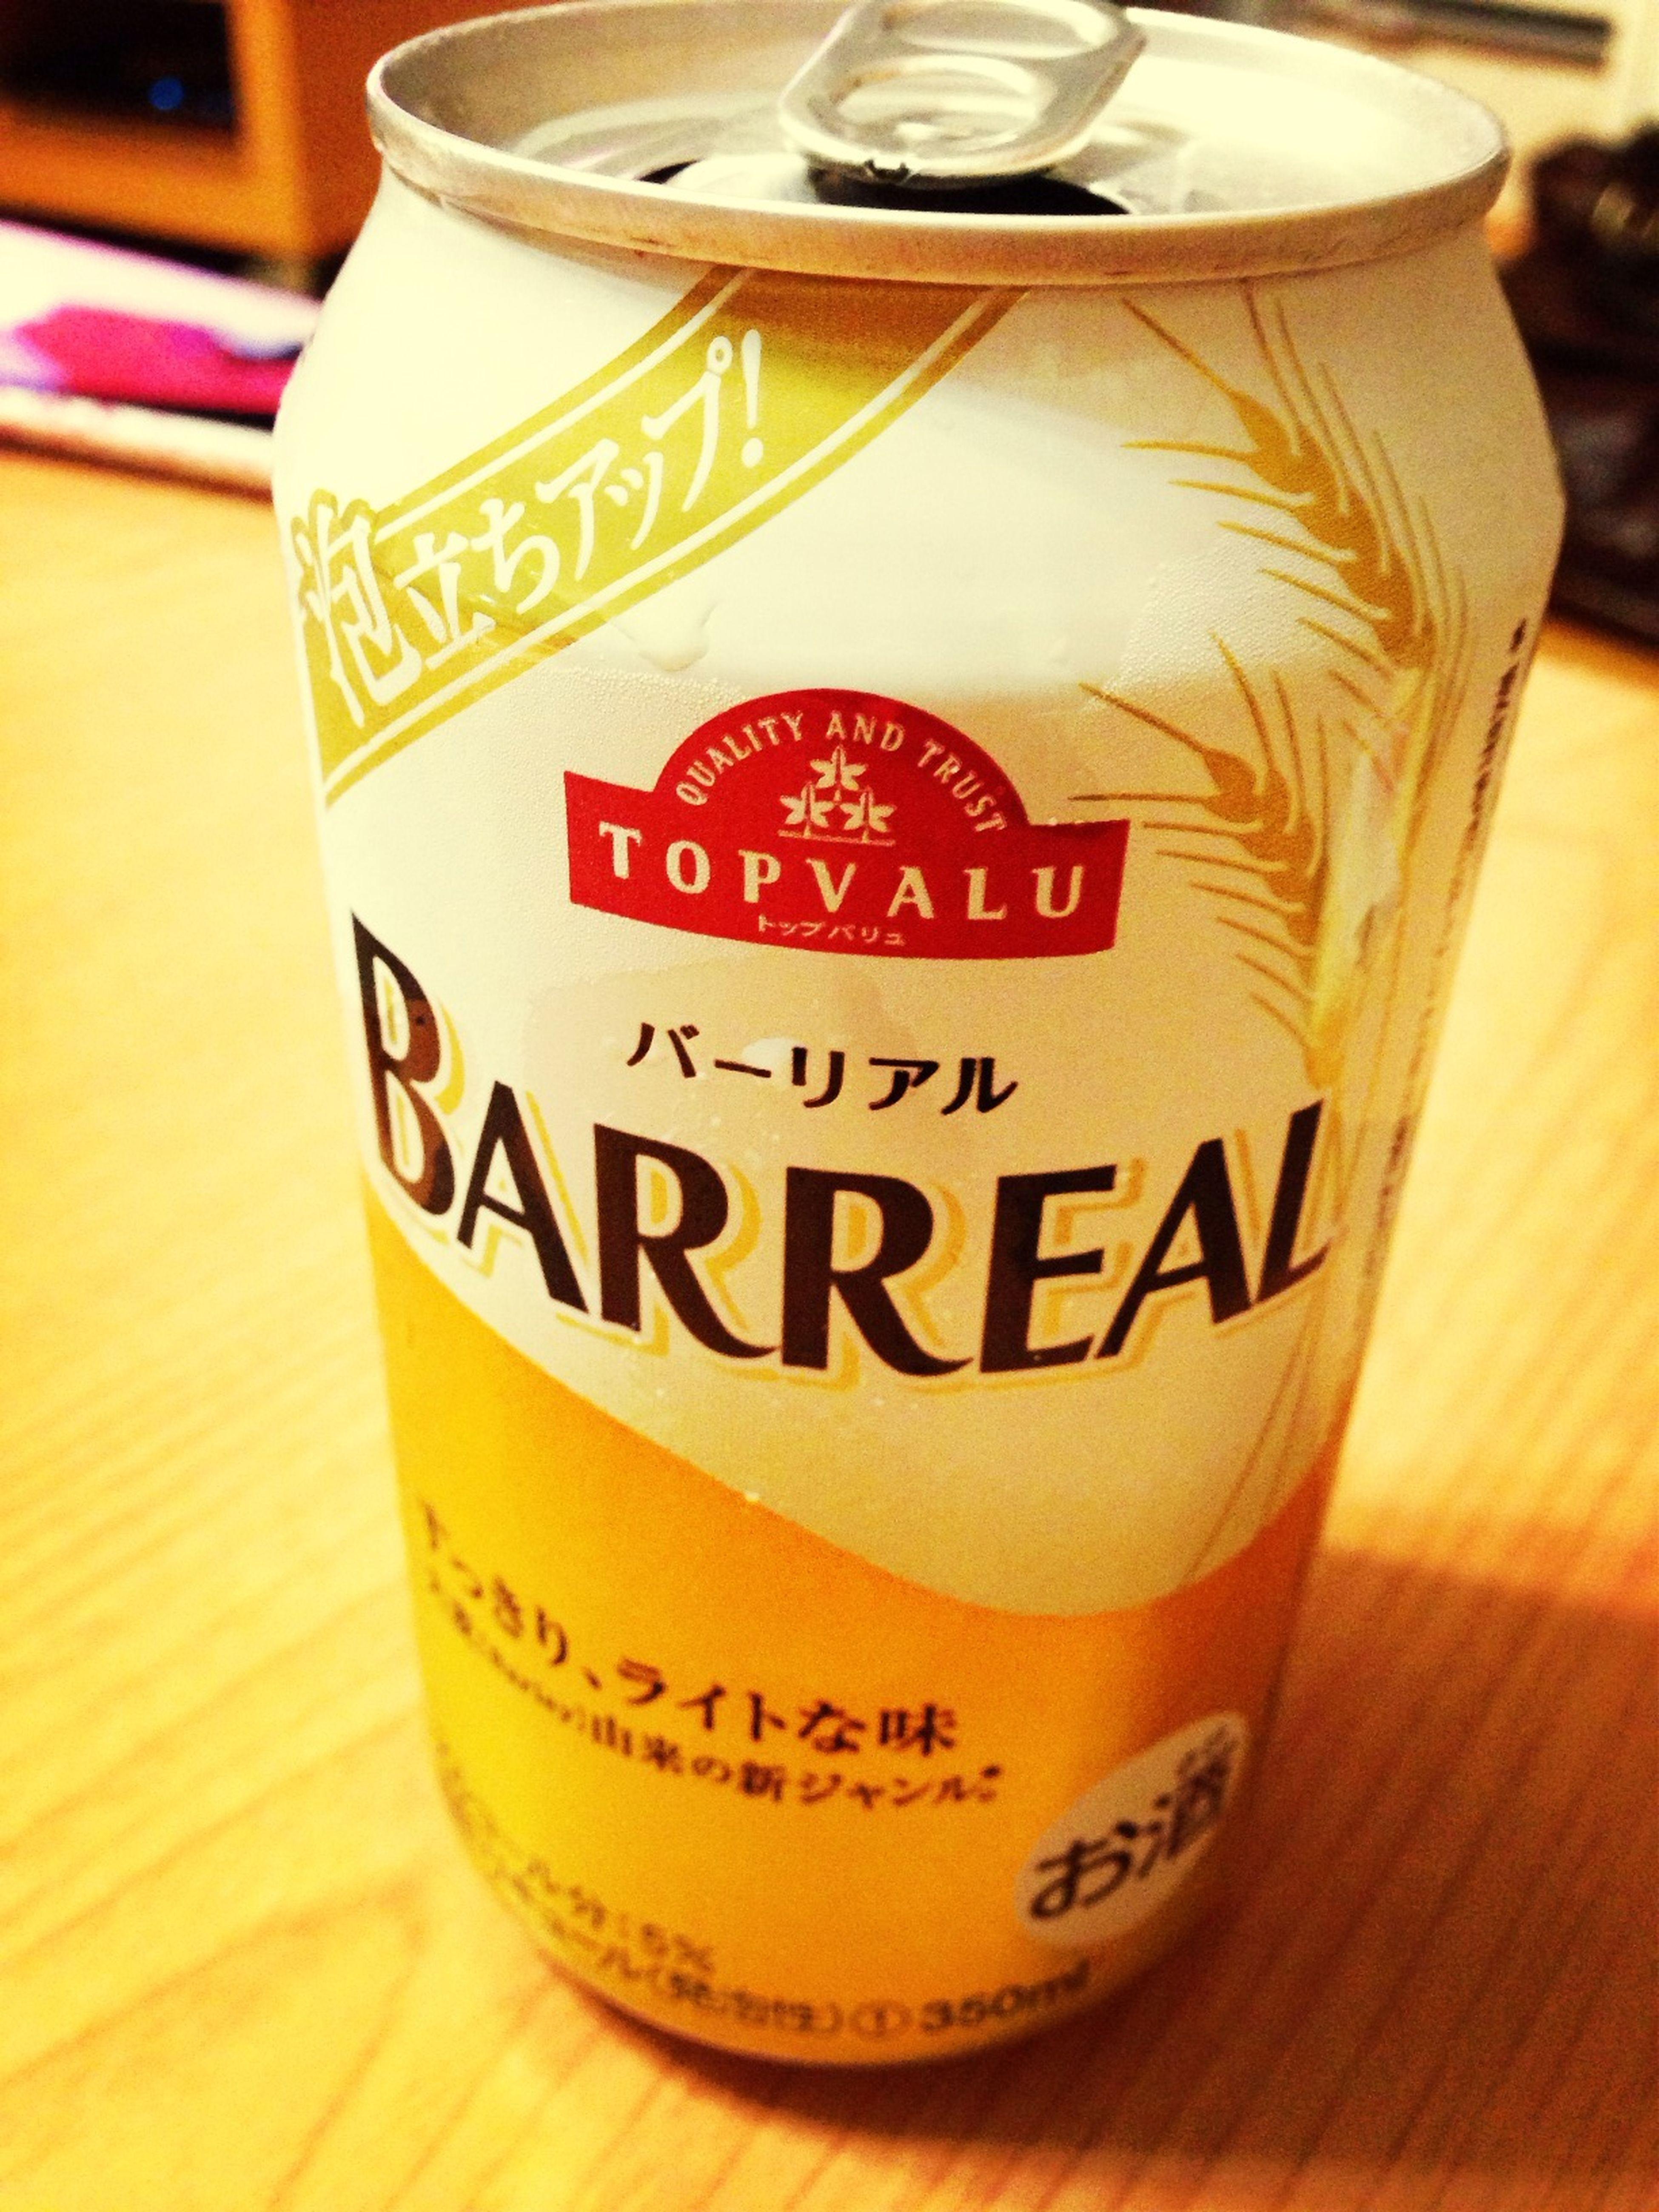 バーリアルのビール